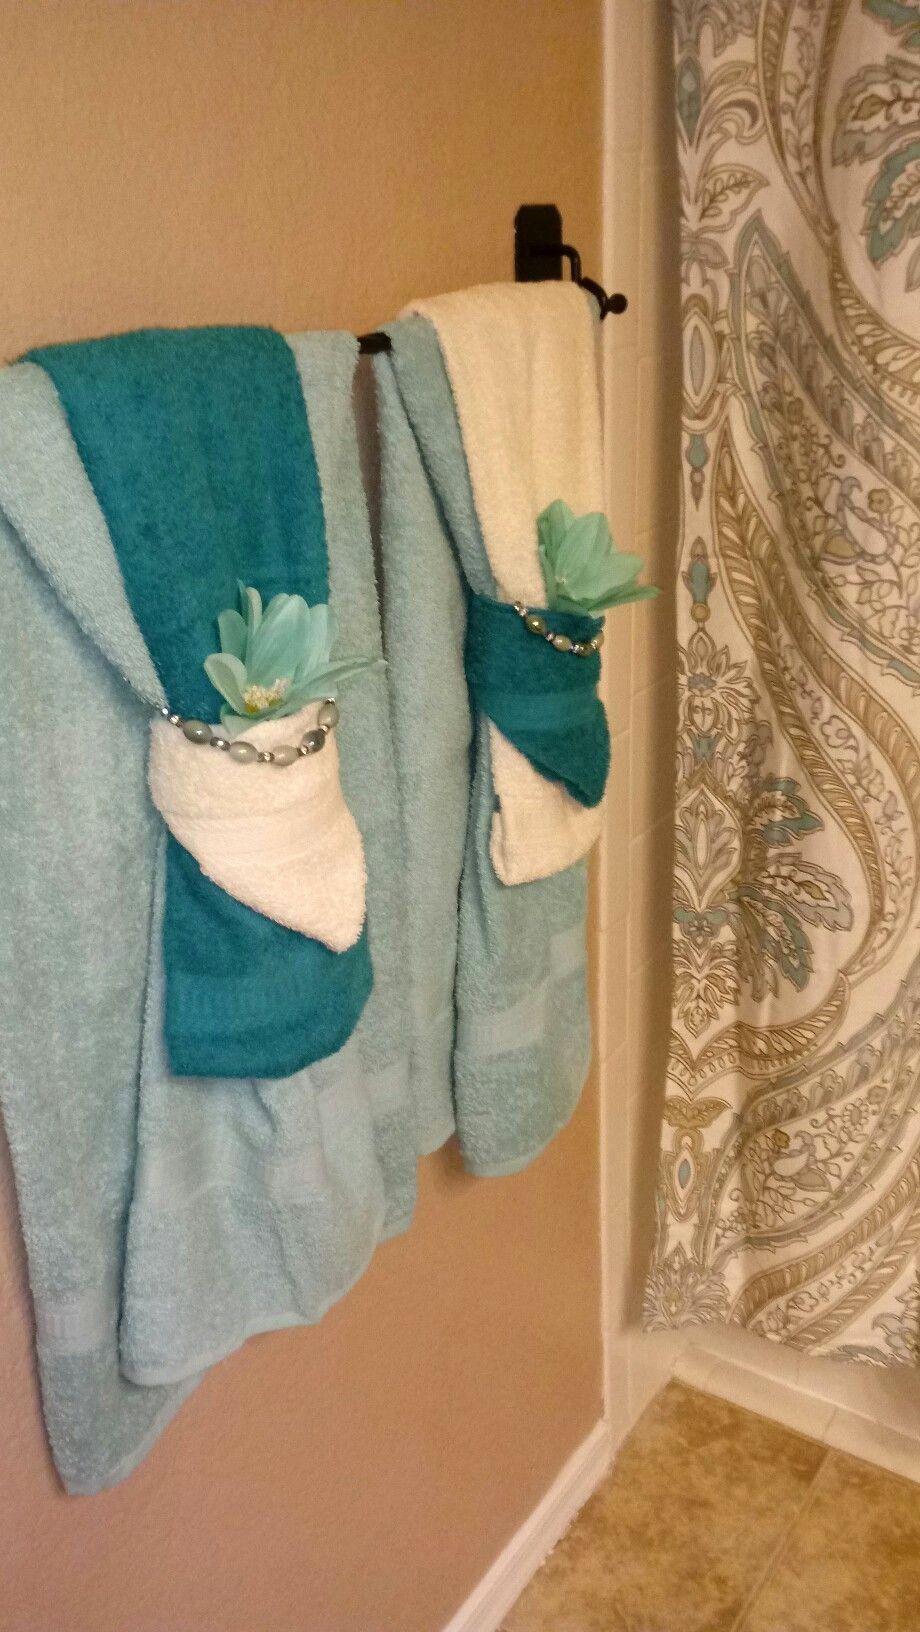 16 Bathroom Towel Arrangement Ideas Heyleyqueen Best Bathroom Towel Decor Bathroom Decor Apartment Bathroom Decor Bathroom decor towels ideas